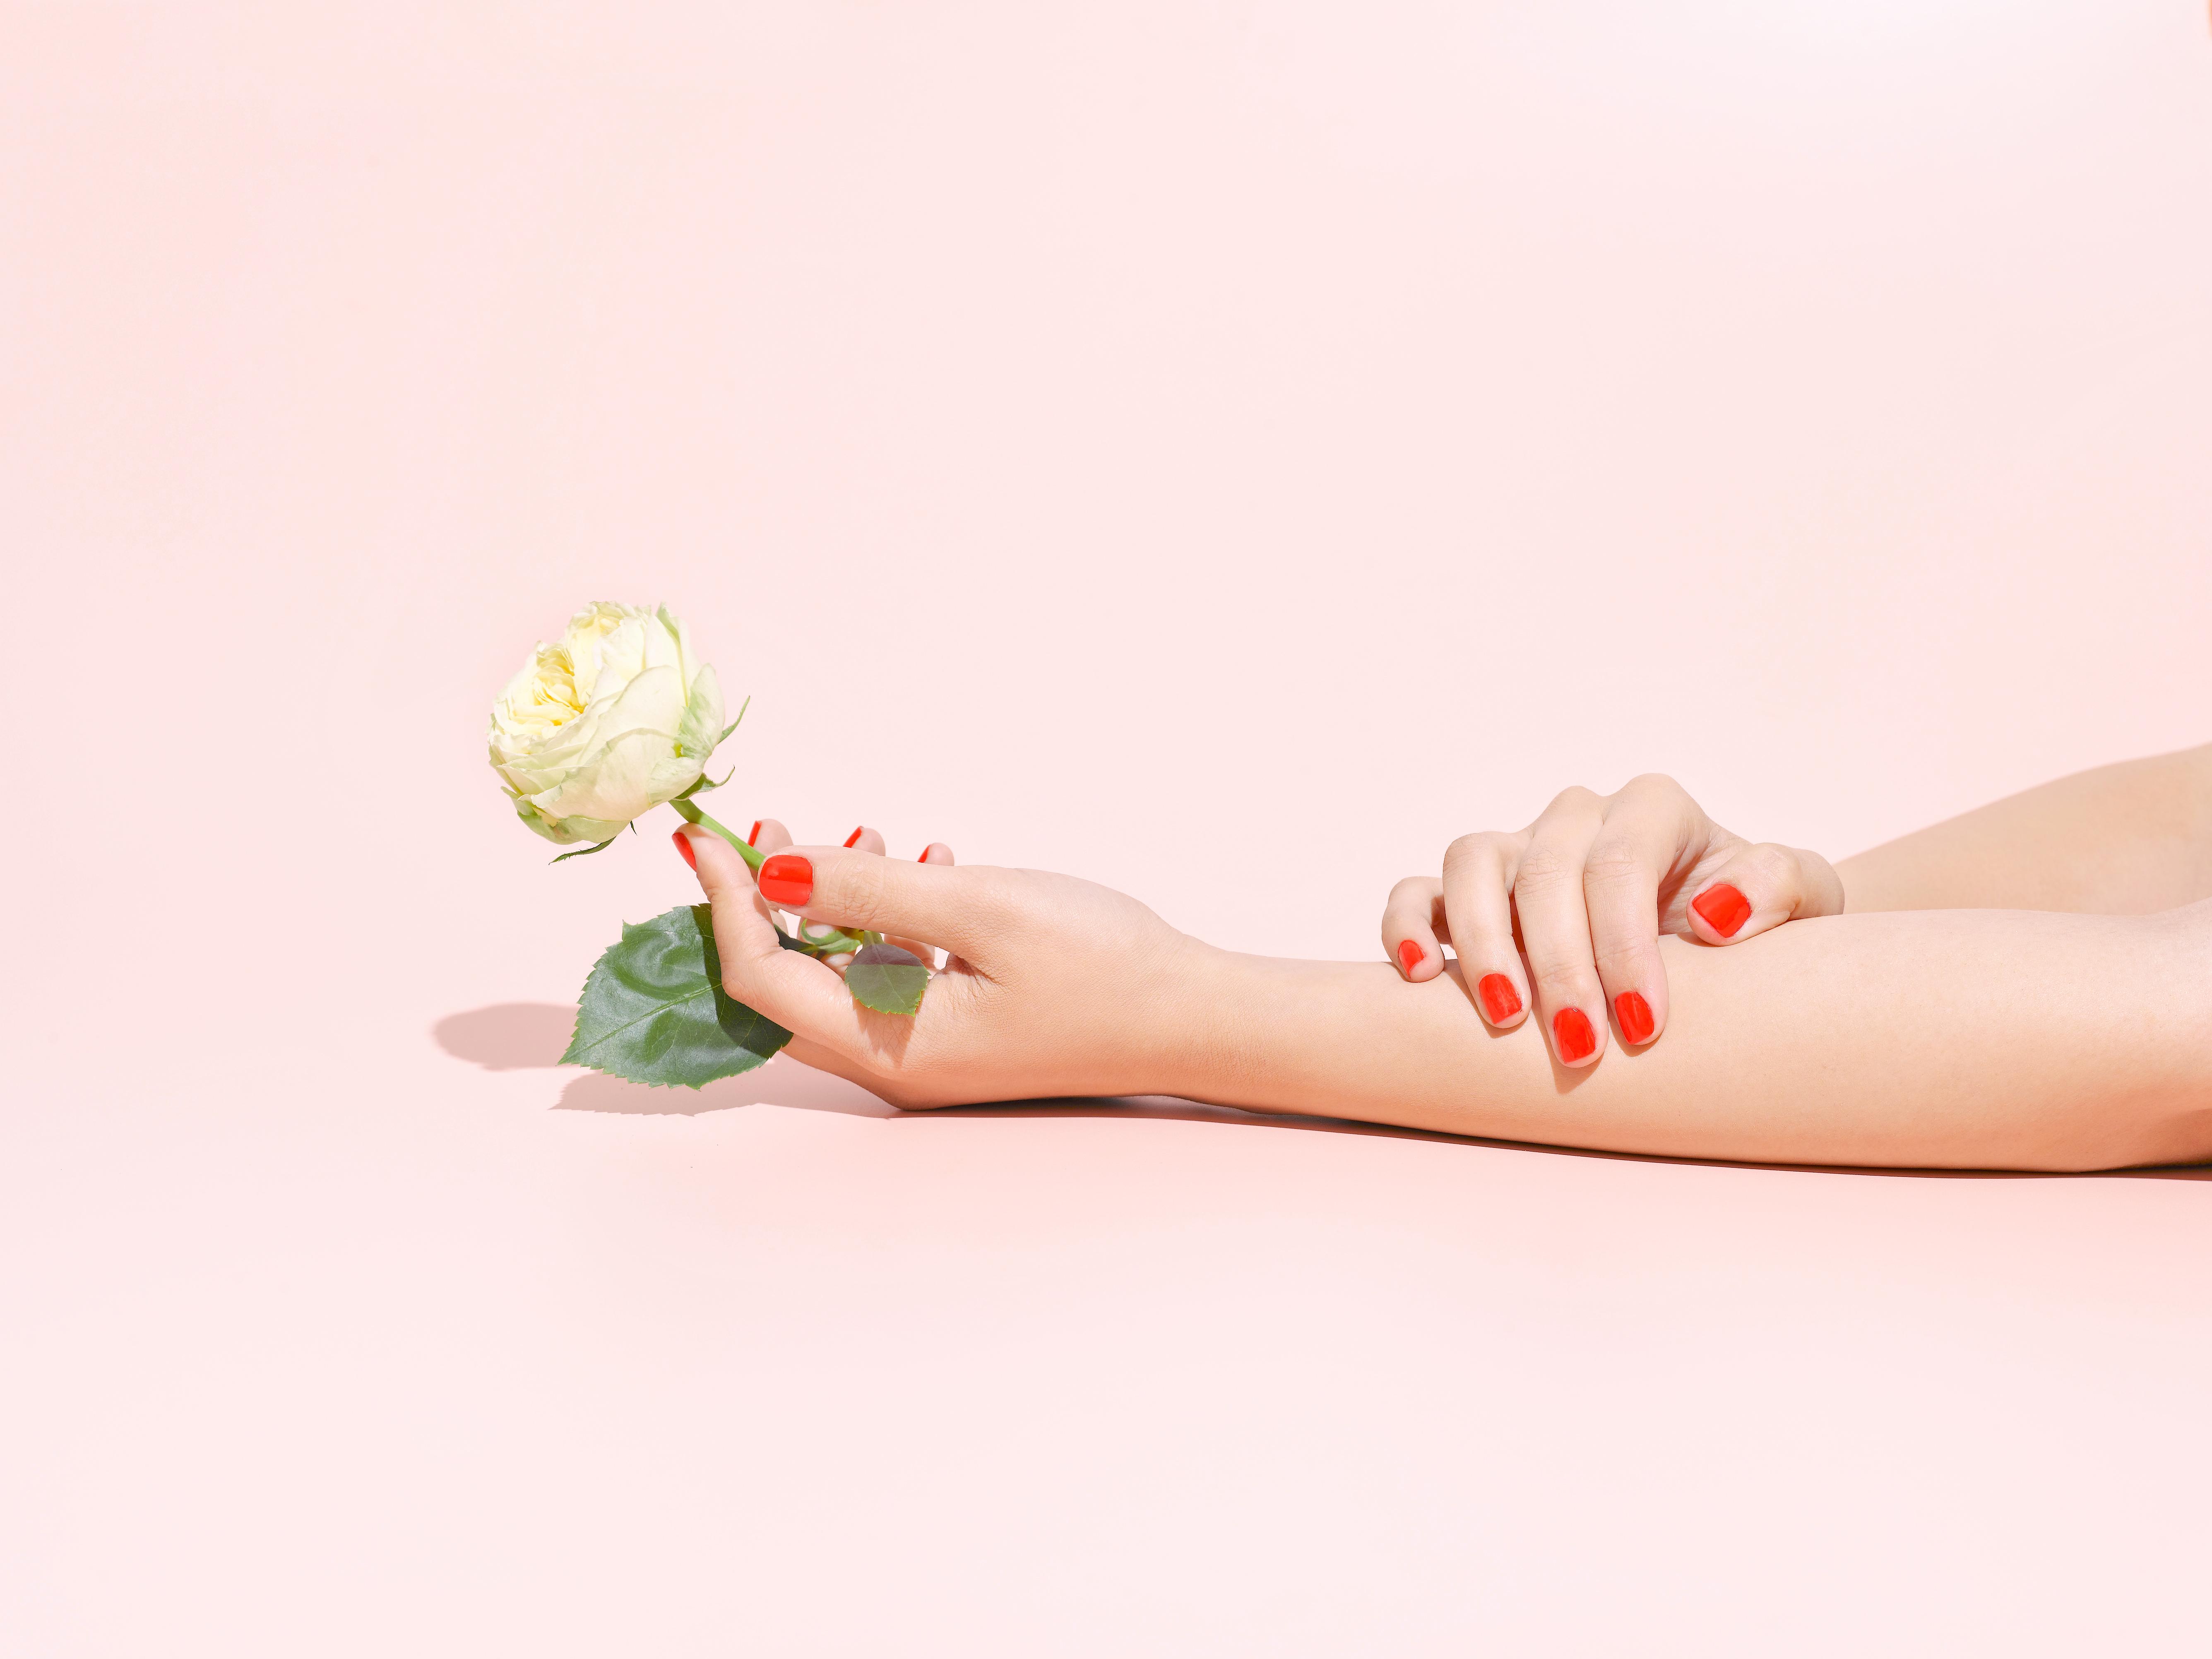 La tenue d'une Rose